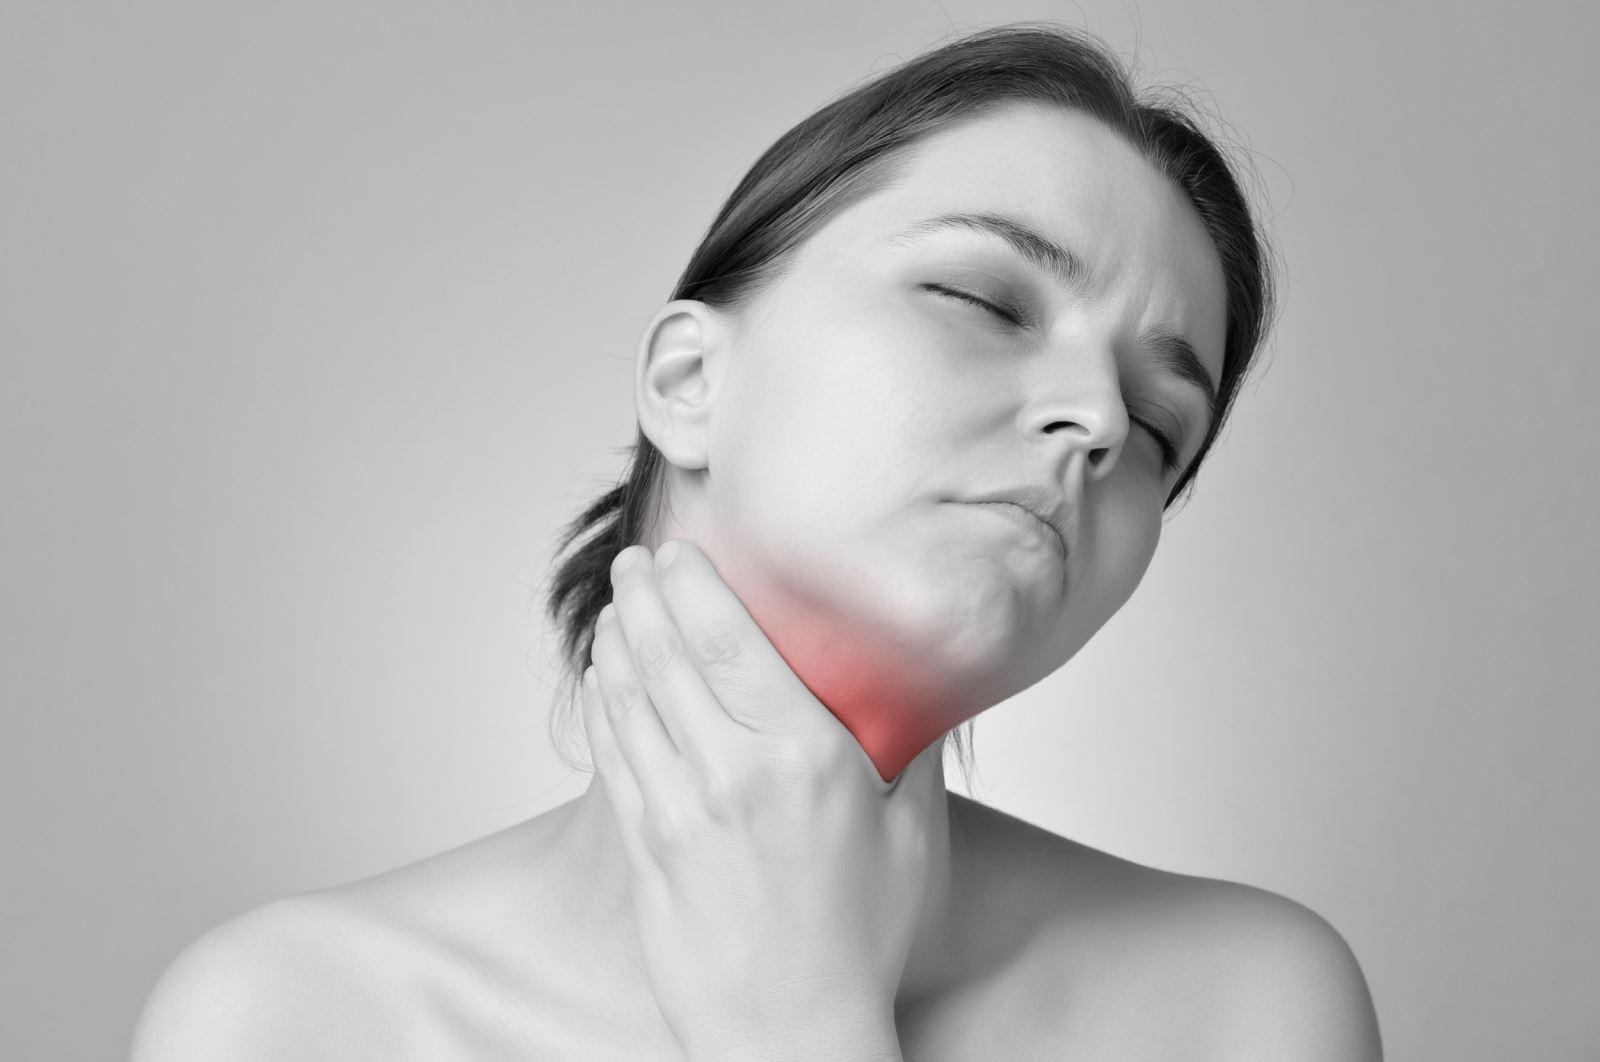 Giật mình với những triệu chứng của bệnh lao họng - Ảnh 3.